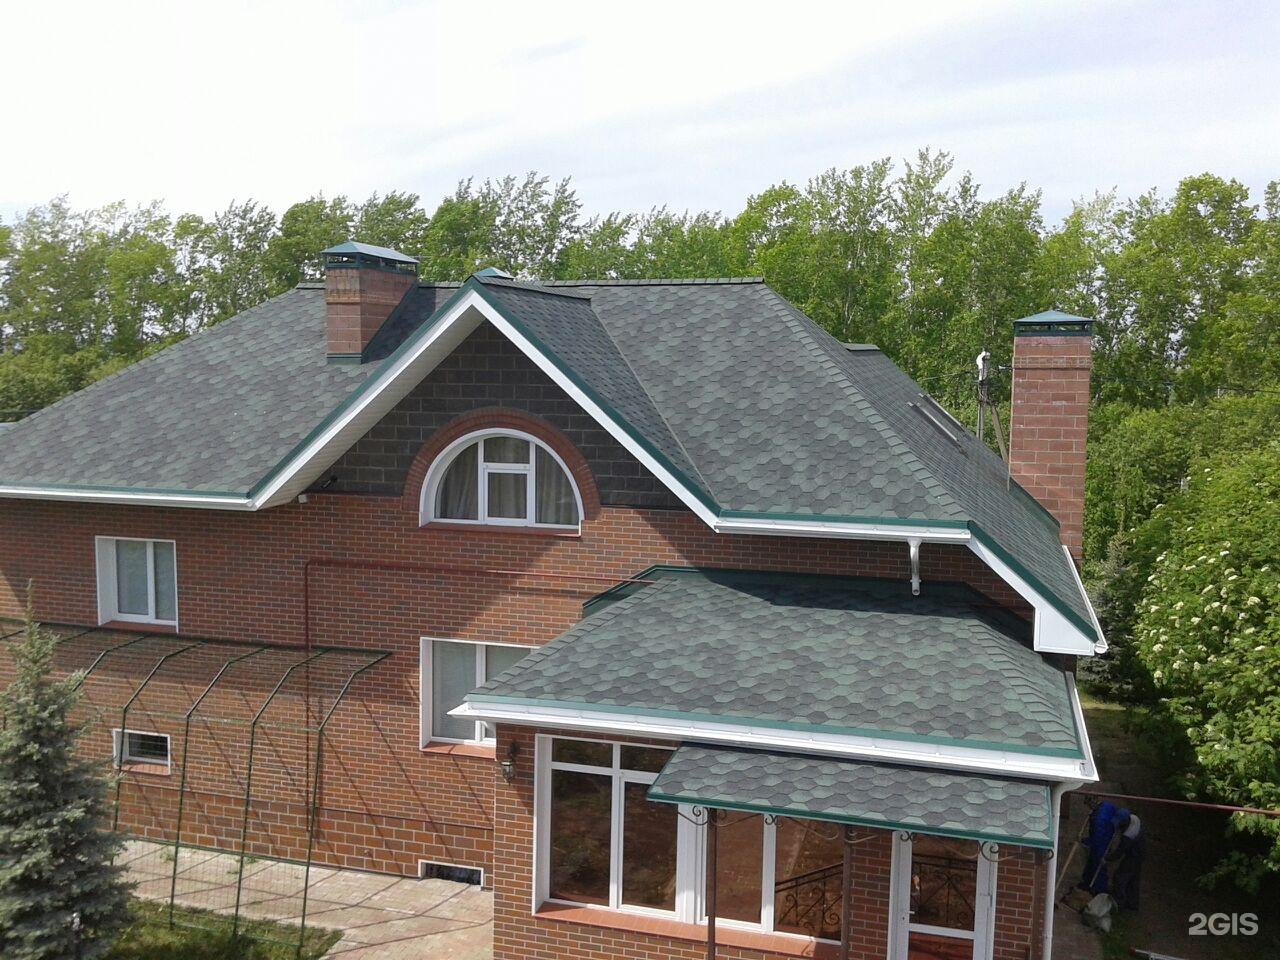 виду его катепал фото домов крыш можно